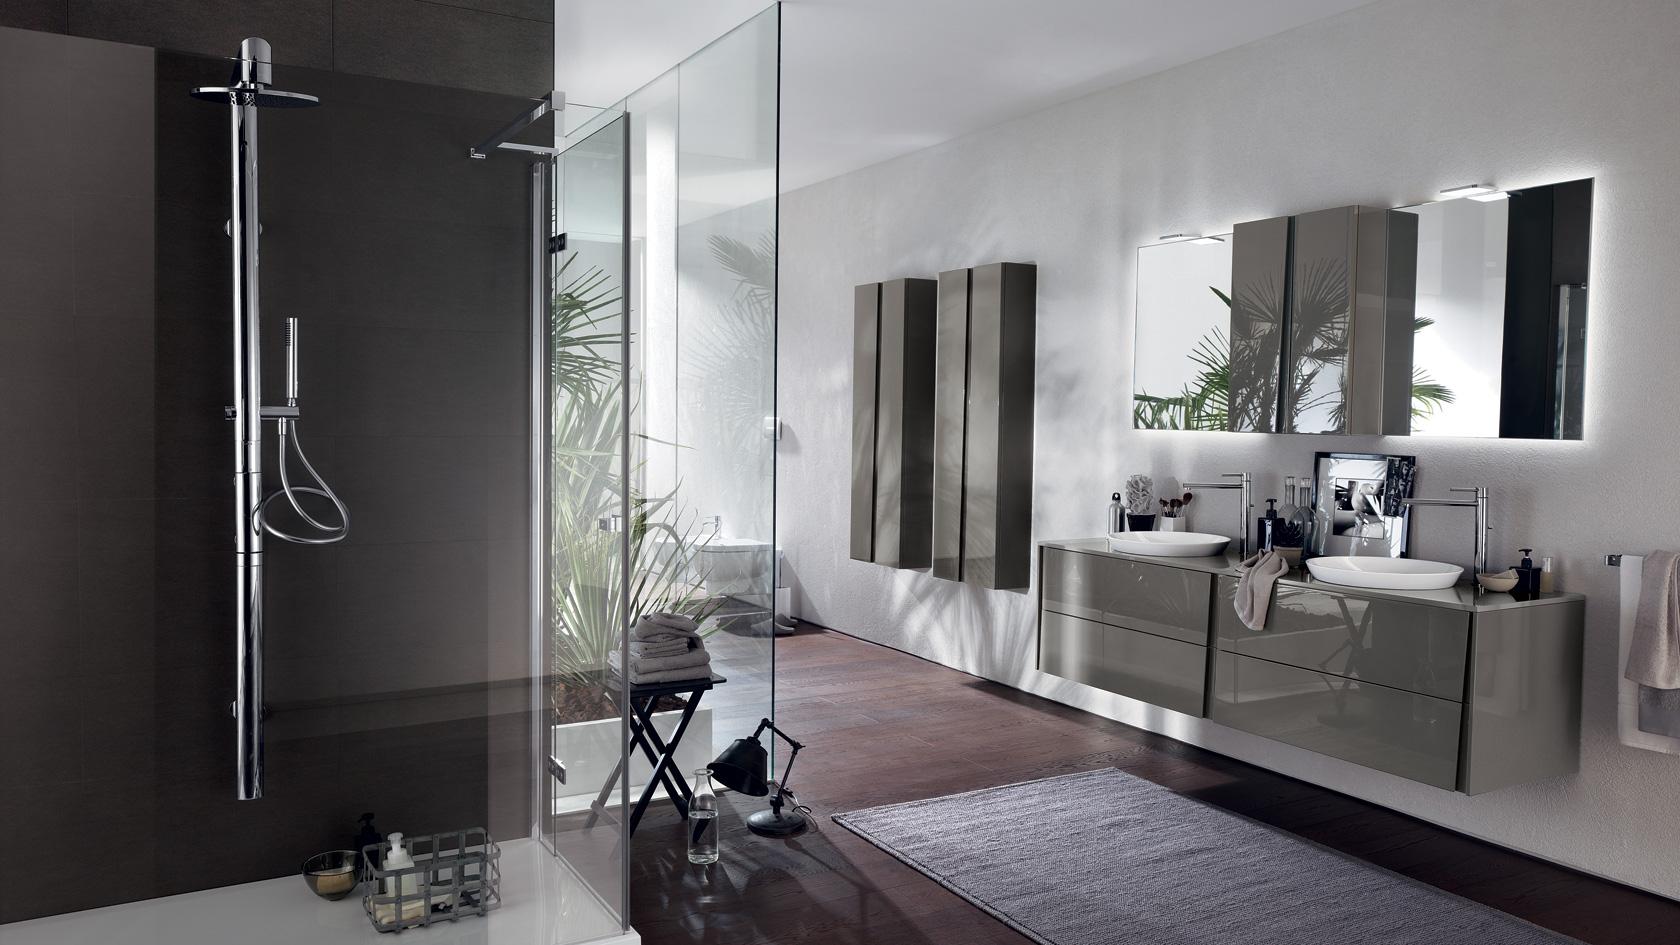 arredo bagno roma ciminelli casa funzionalità e design prodotti ... - Arredo Bagno Roma